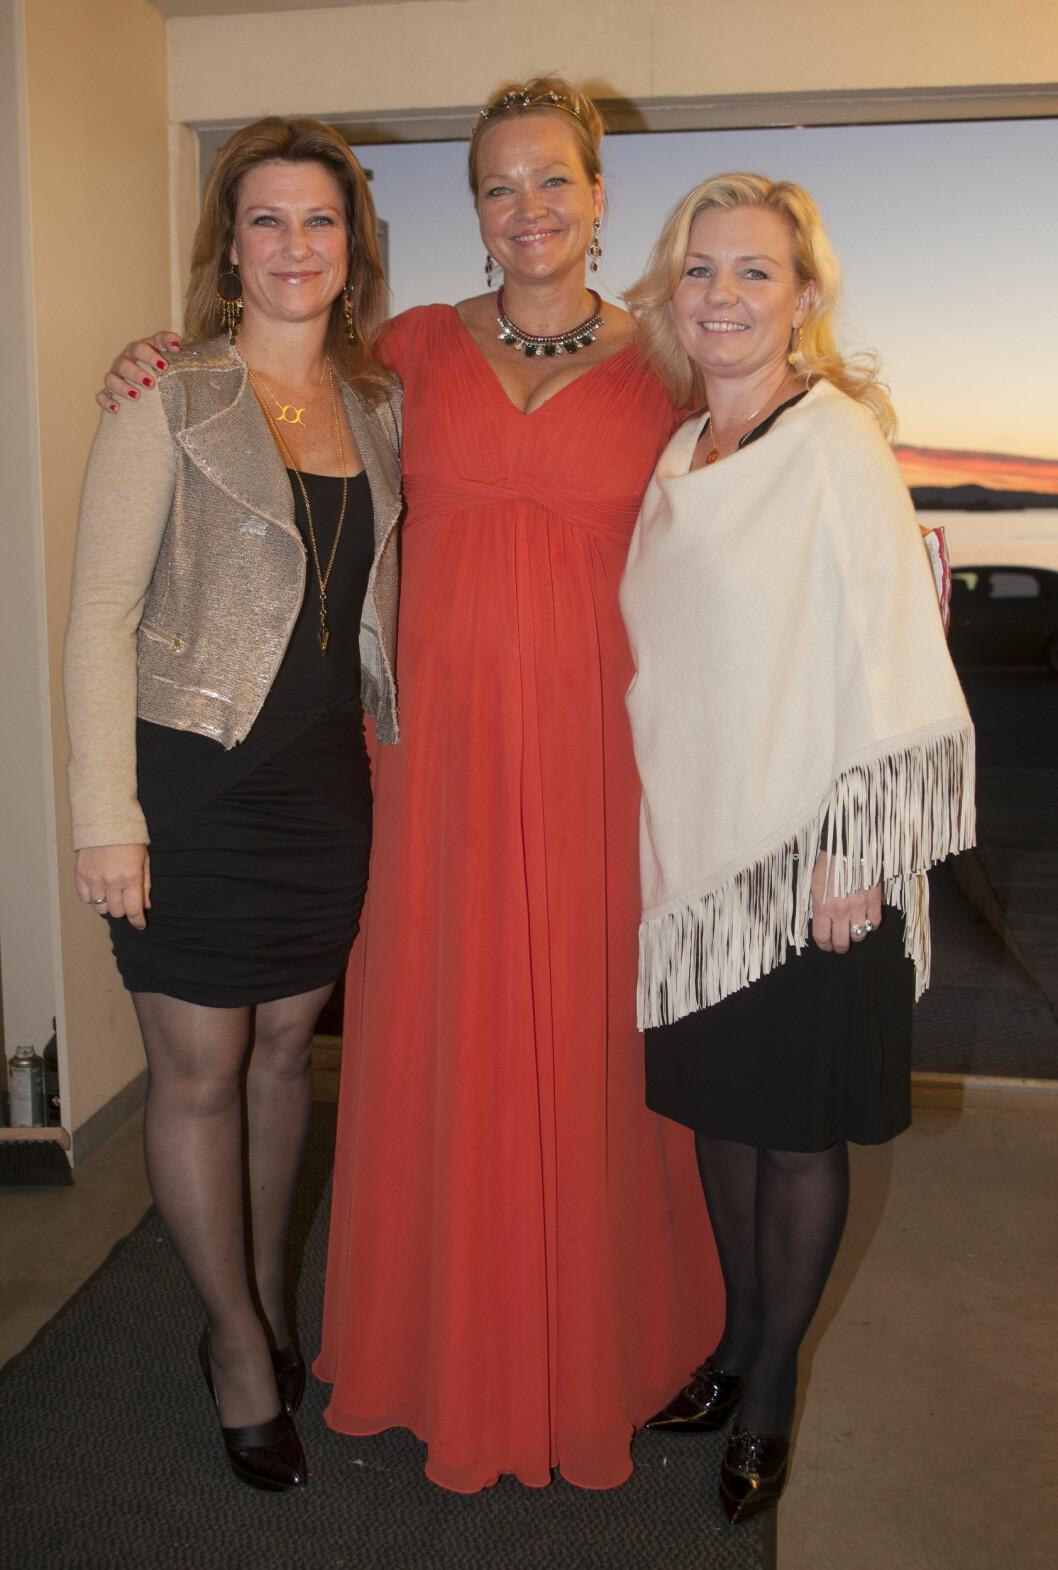 """Raushet: Kathrine Aspaas inviterte til """"Raushetens tid"""". Her sammen med to av gjestene, prinsesse Märtha Louise og Elisabeth Nordeng. Foto: Erlend Haugen"""